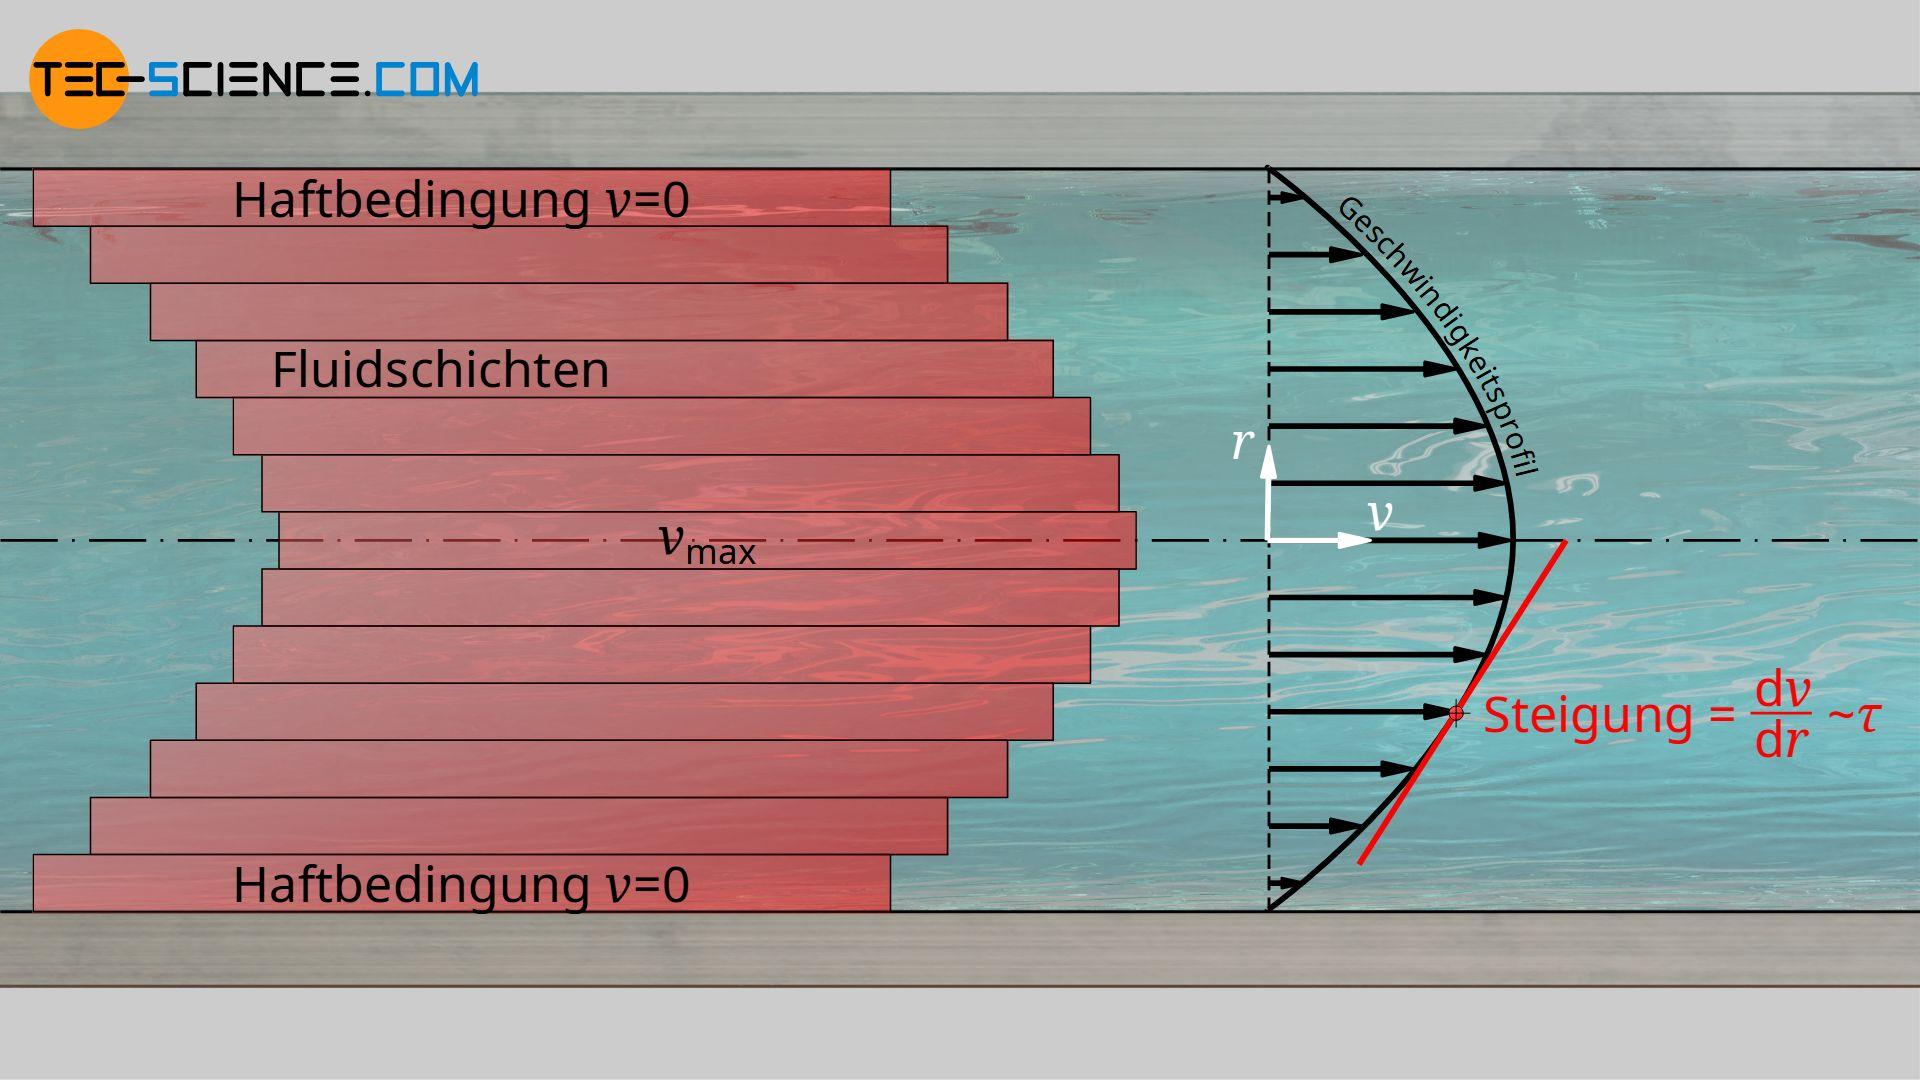 Reibung der Fluidschichten aufgrund der Viskosität und das daraus resultierende Geschwindigkeitsprofil